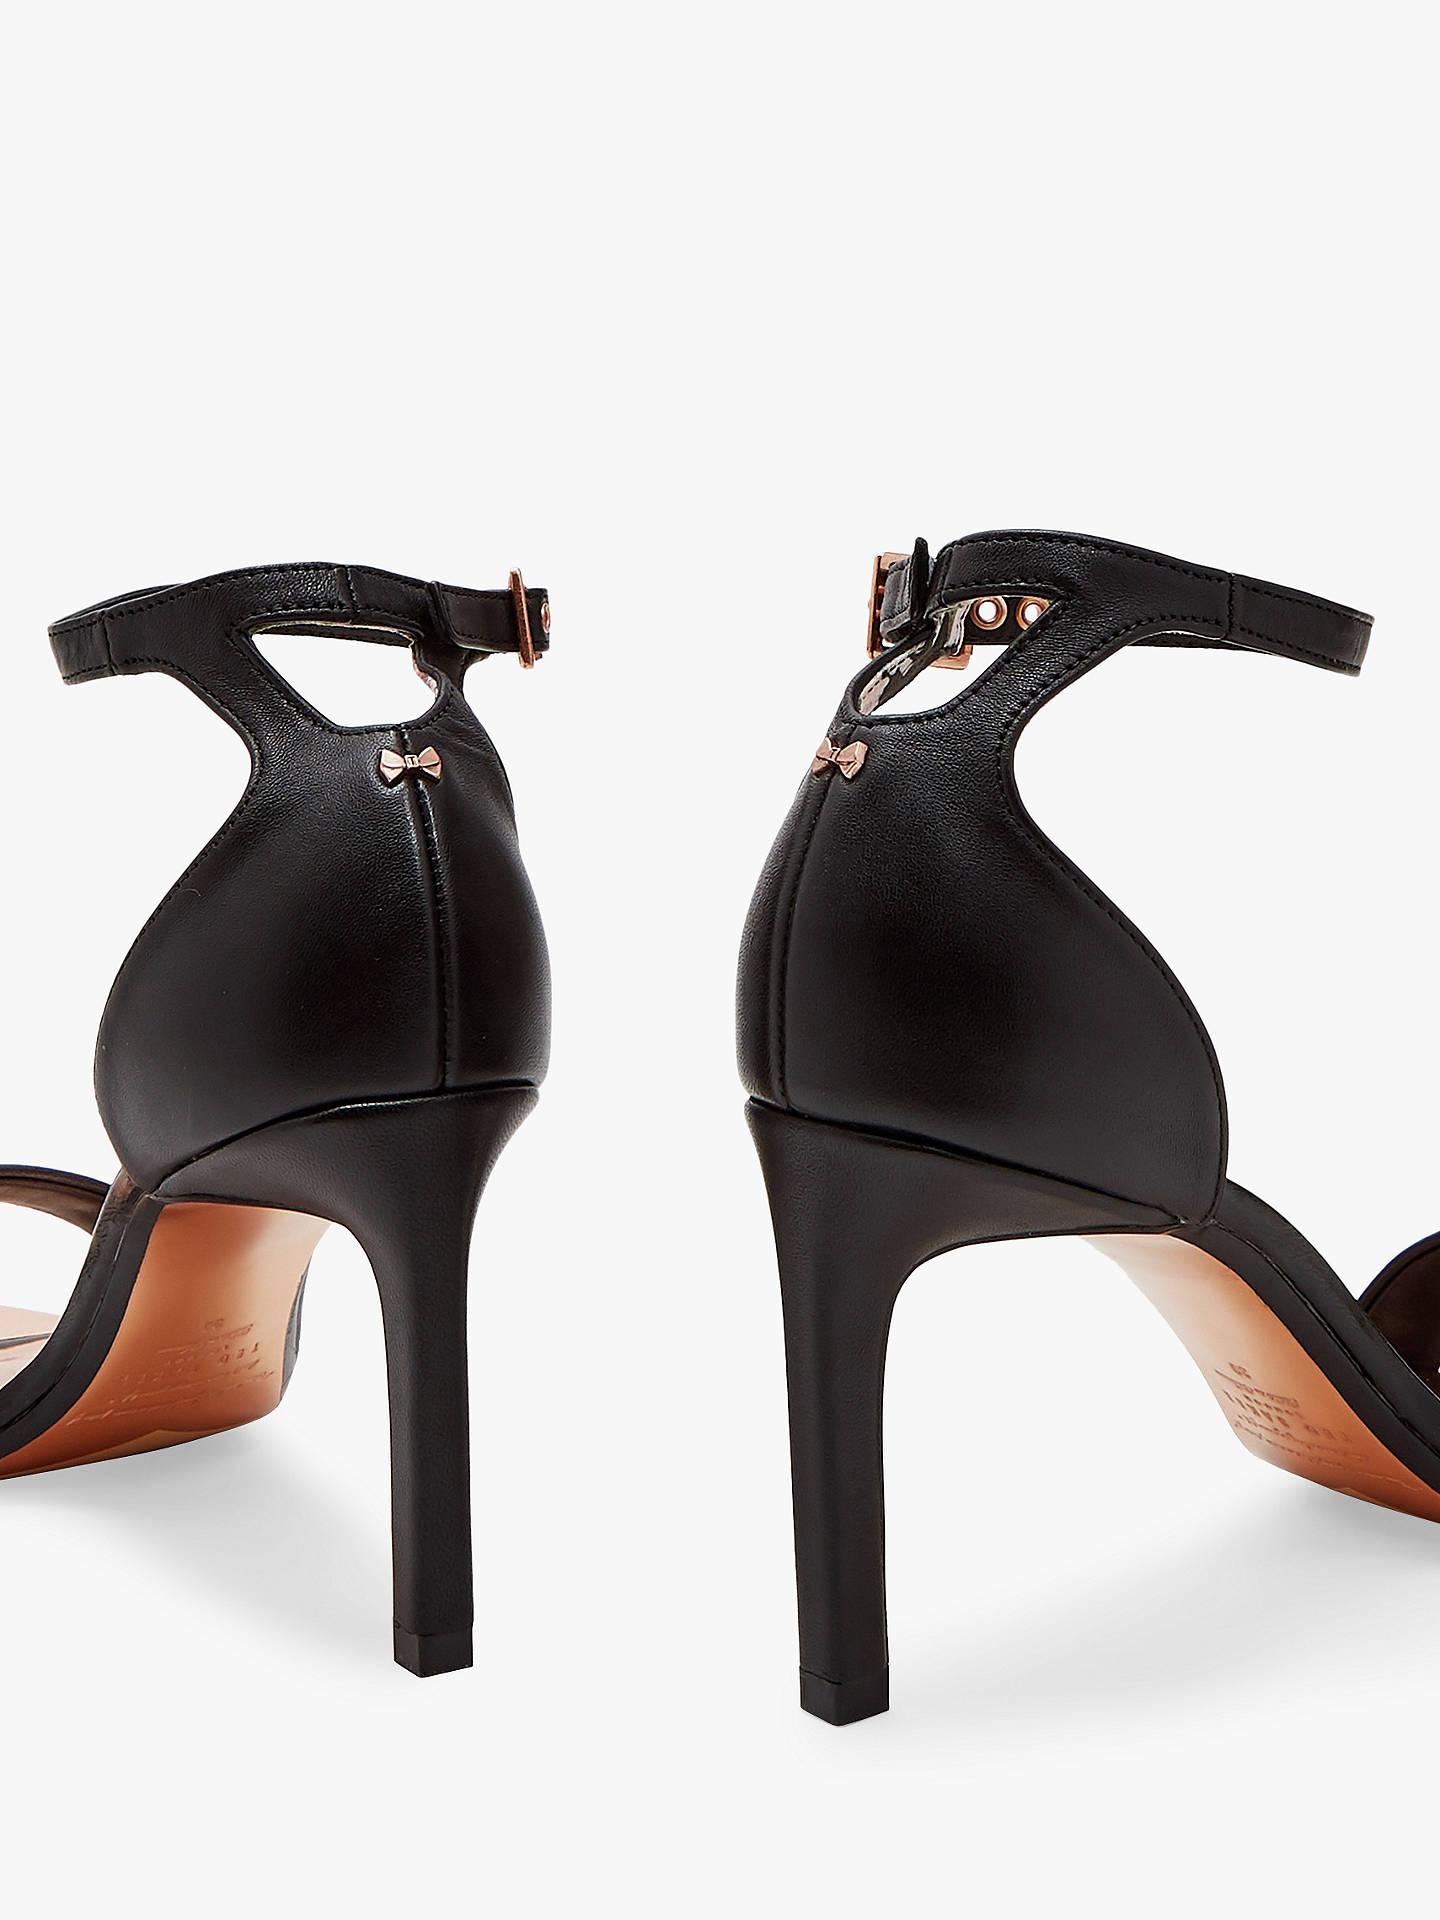 3e8b29600 Buy Ted Baker Ulanii Stiletto Heel Sandals